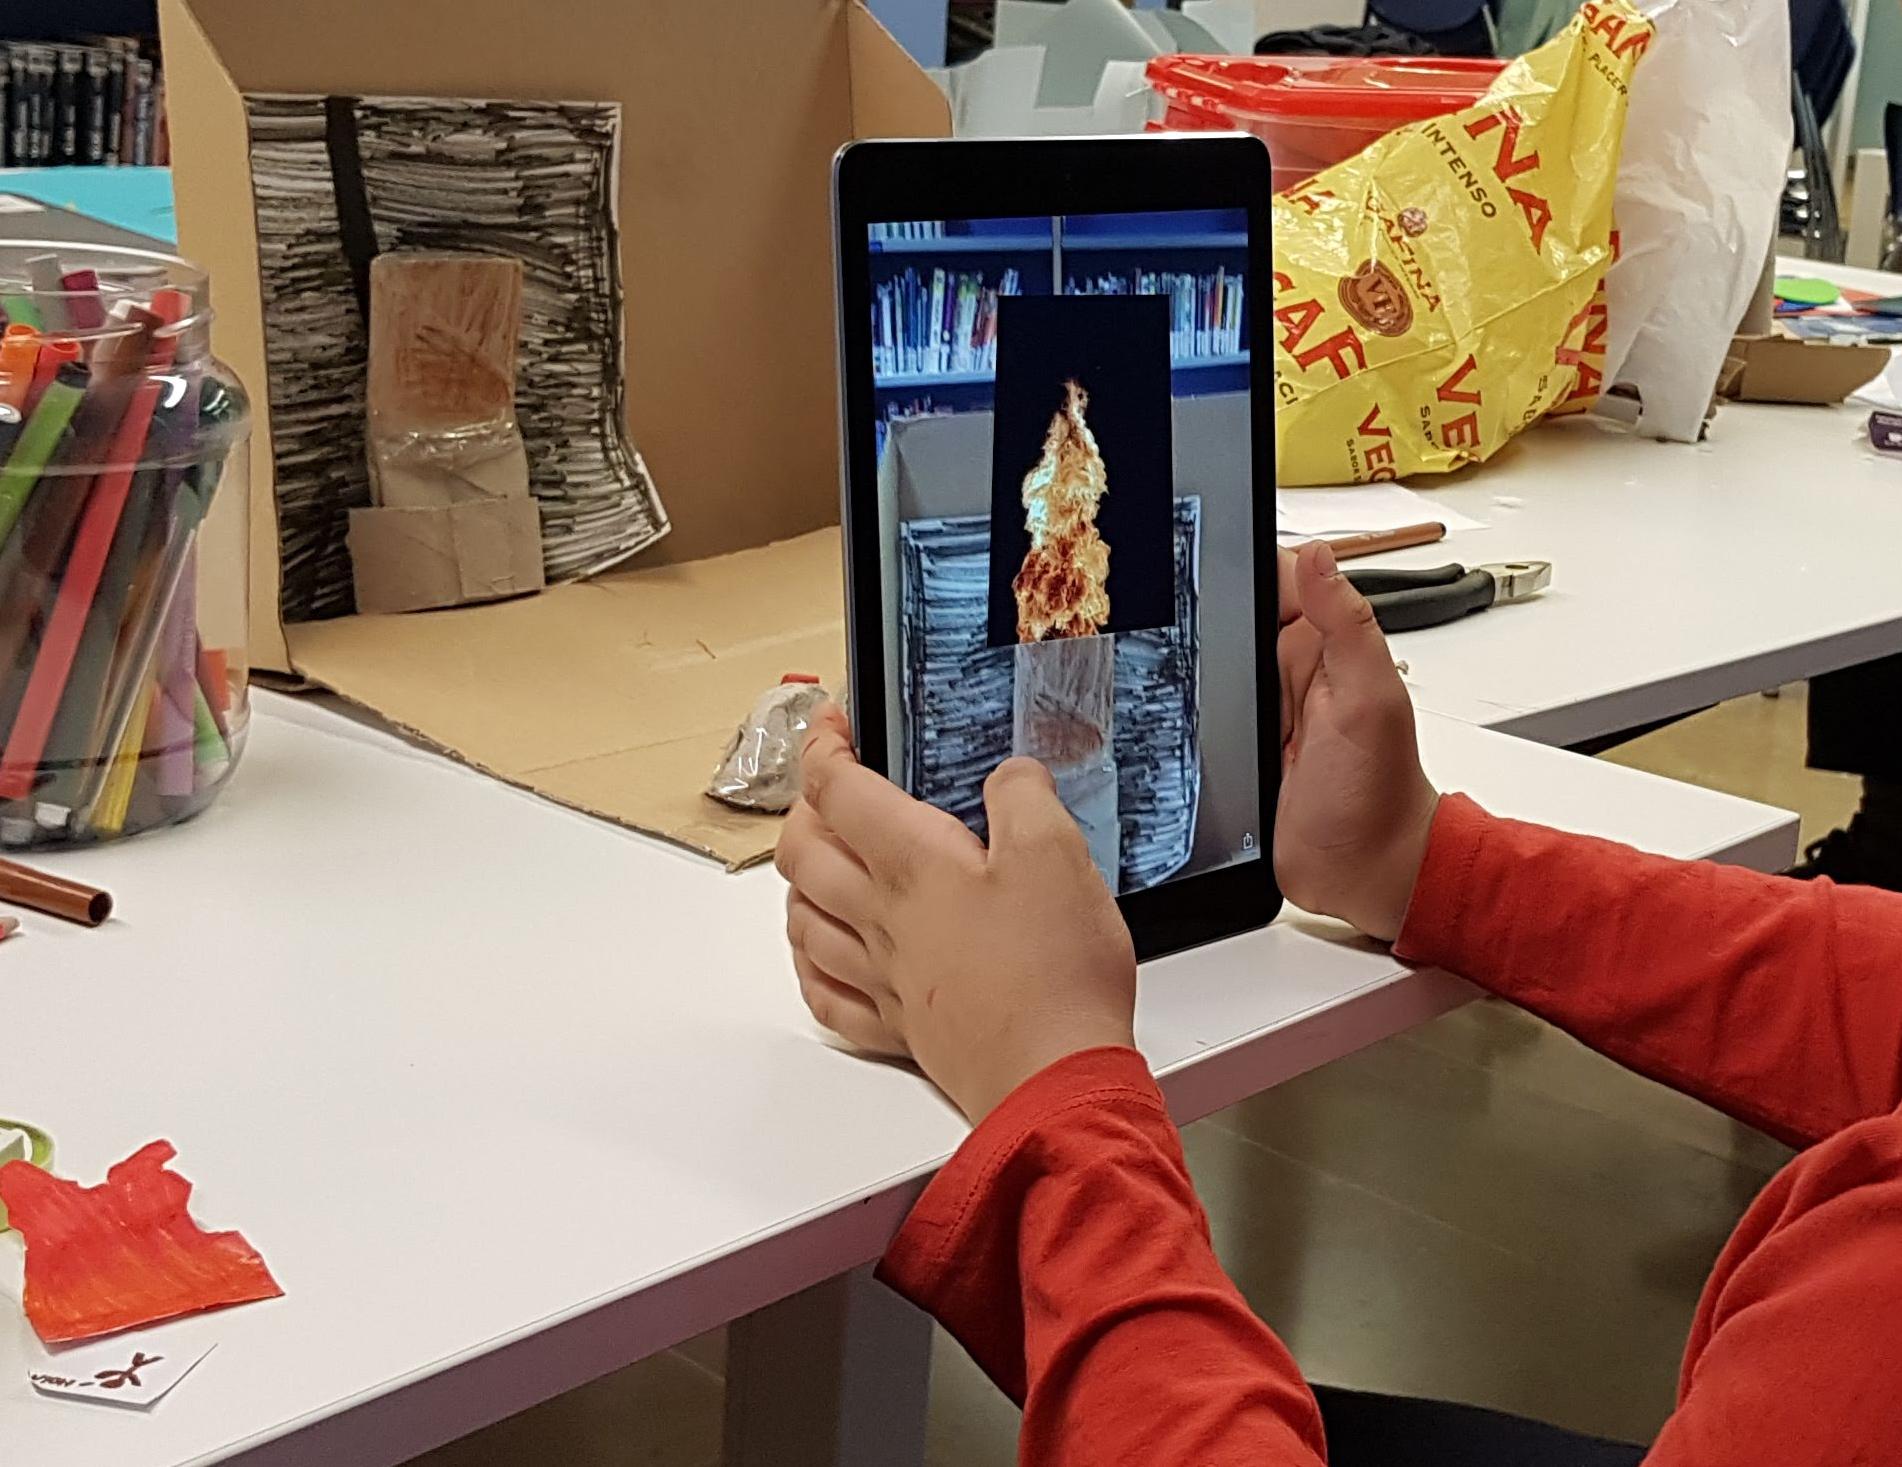 <p>Este otoño impartimos una segunda parte del curso &#8220;Mundos imaginarios&#8221;en el American Space de la biblioteca Ignasi Iglesias-Can Fabra de Sant Andreu. Esta vez nos centramos en los mundos mágicos detrás de los libros y cuentos de la biblioteca. Los niños crearon narrativas interactivas fusionando el mundo físico con la [&hellip;]</p>